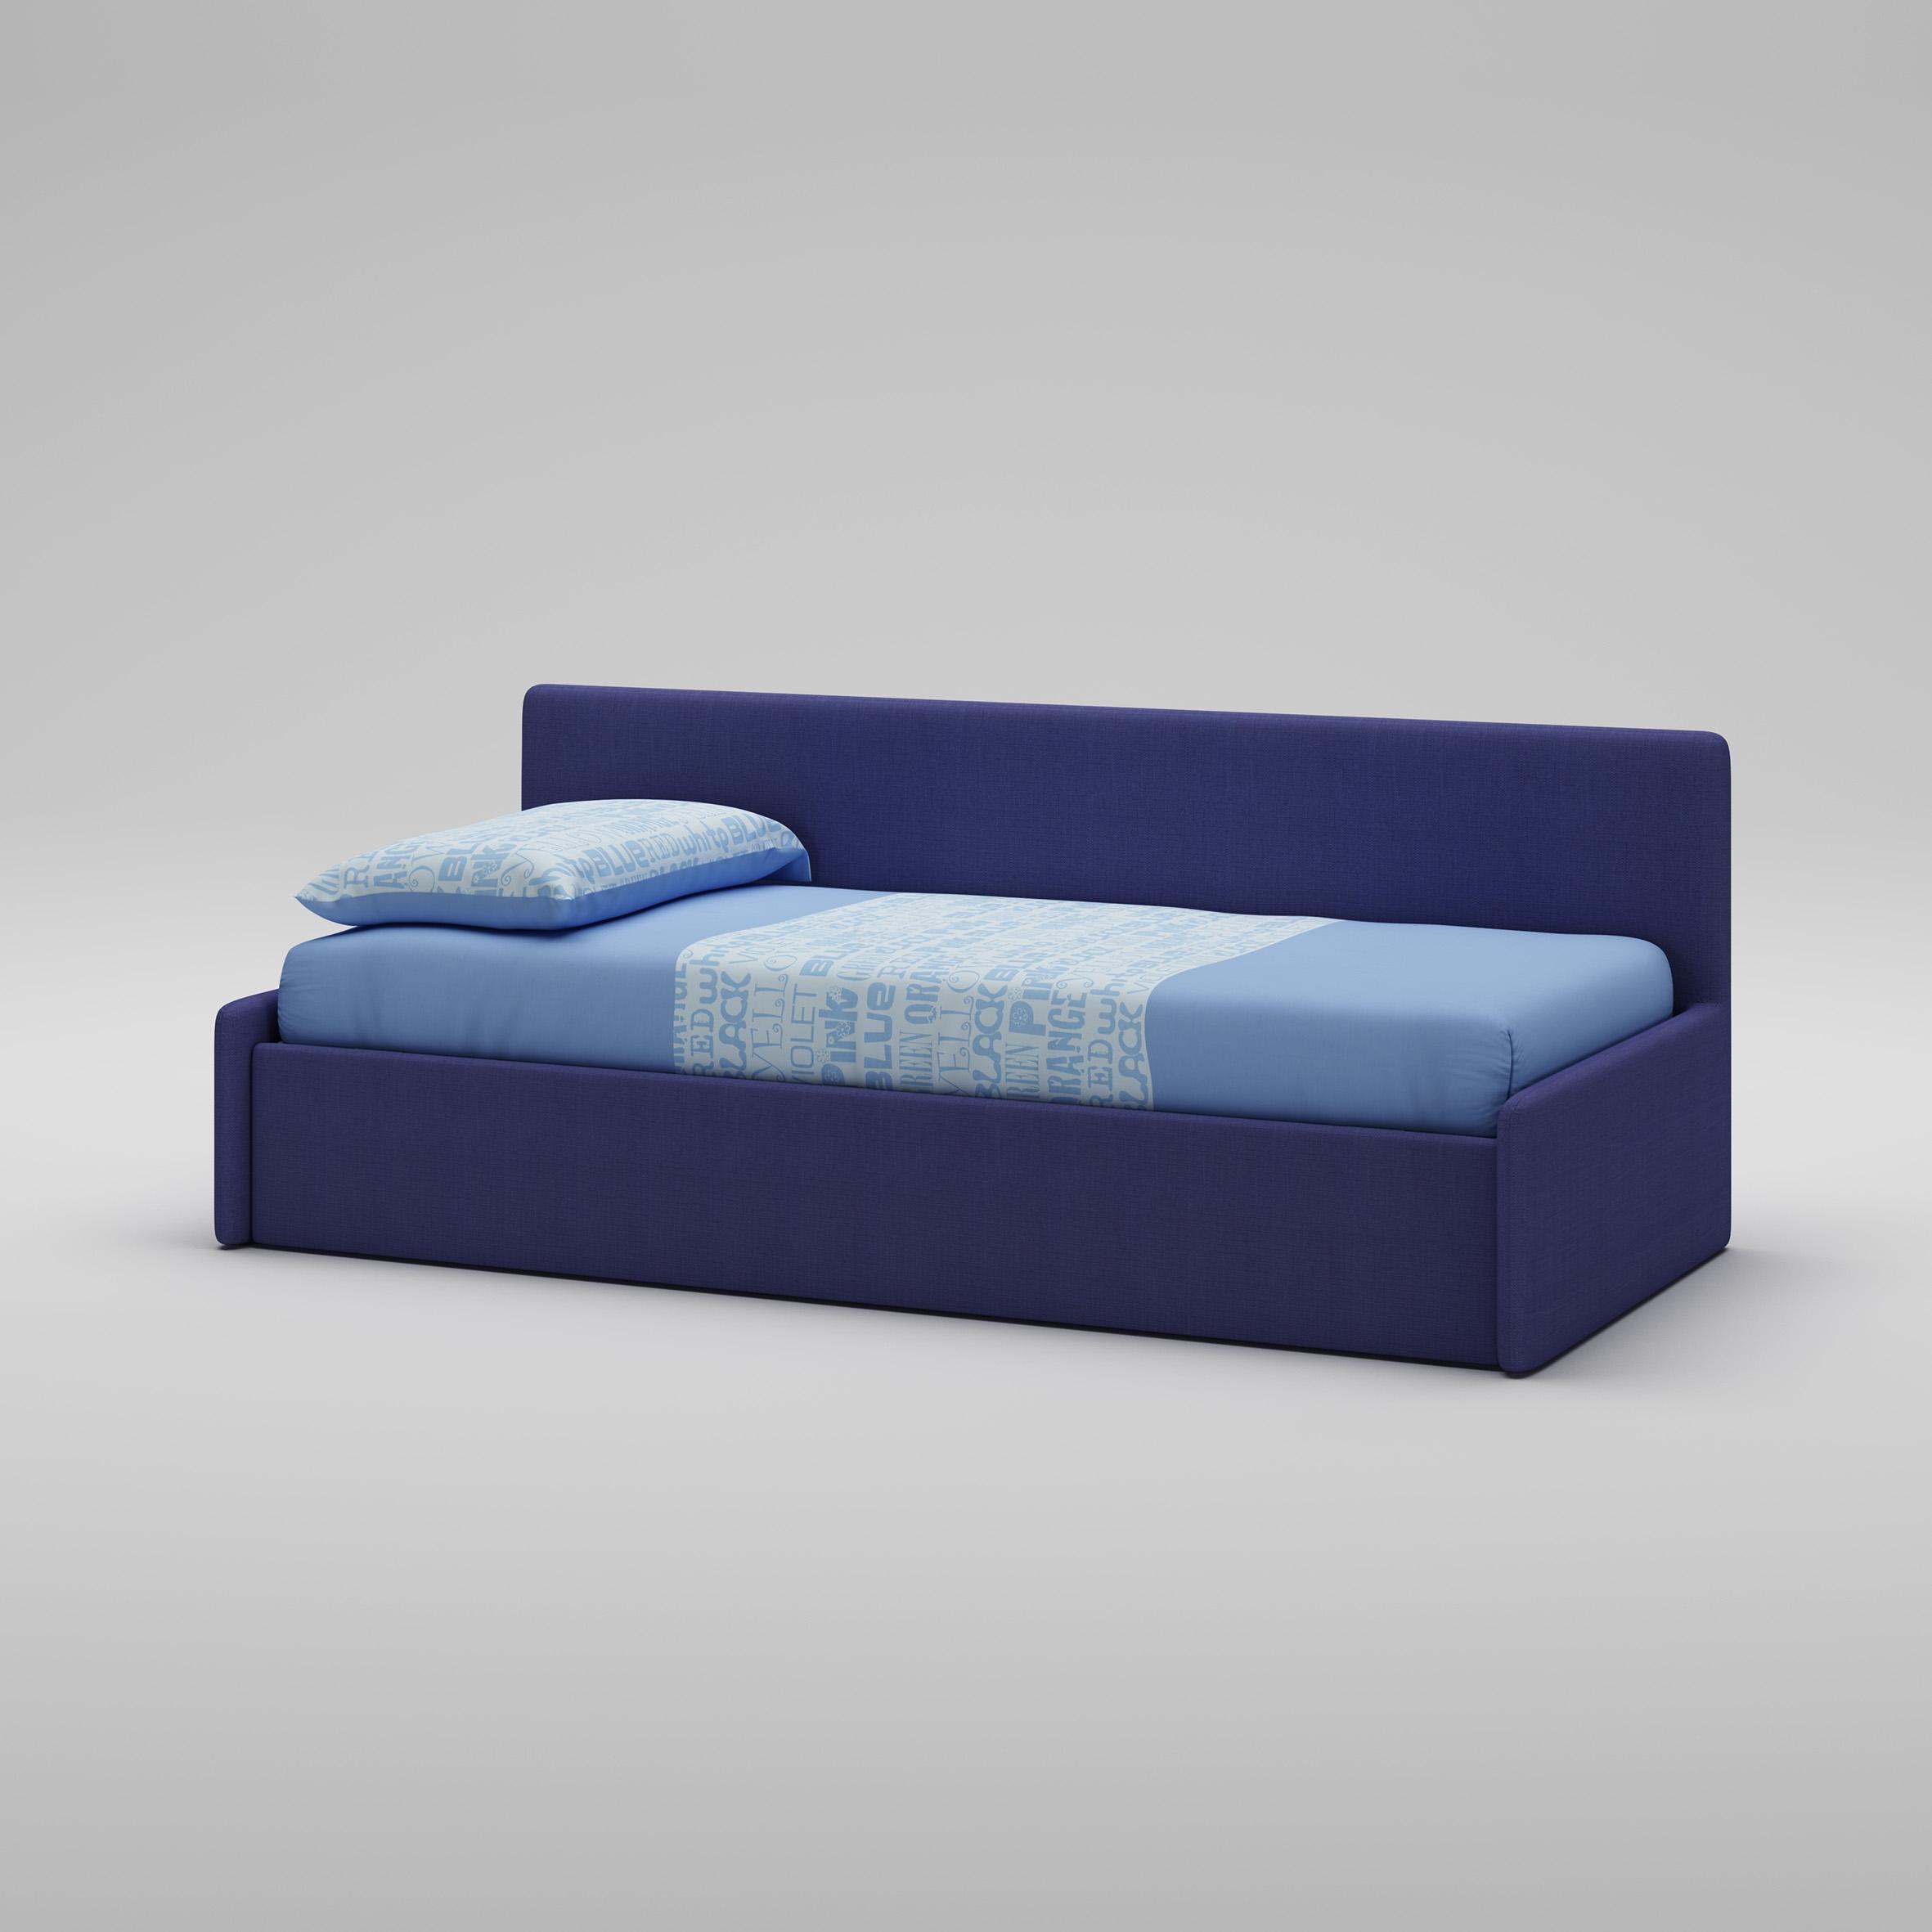 Lit canapé PERSONNALISABLE WL070 en tissu couleur bleu avec couchage de 90 x 200 - MORETTI COMPACT